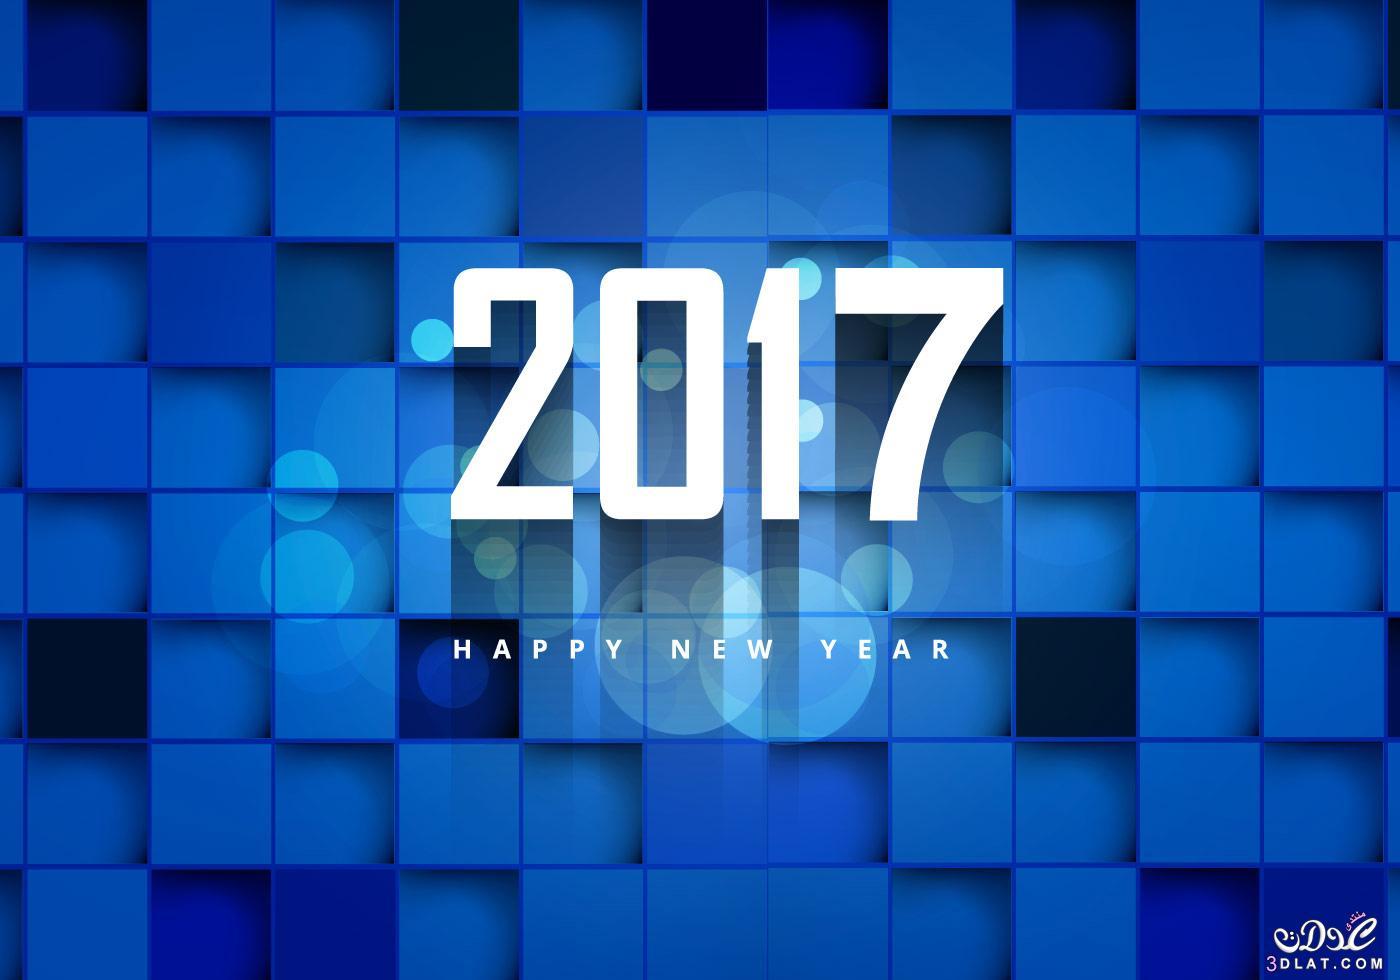 خلفيات جديدة لراس السنة الميلادية 2017 , اروع الخلفيات للعام الجديد , احدث الرمزيات للعام 2017 new_1479739244_932.j